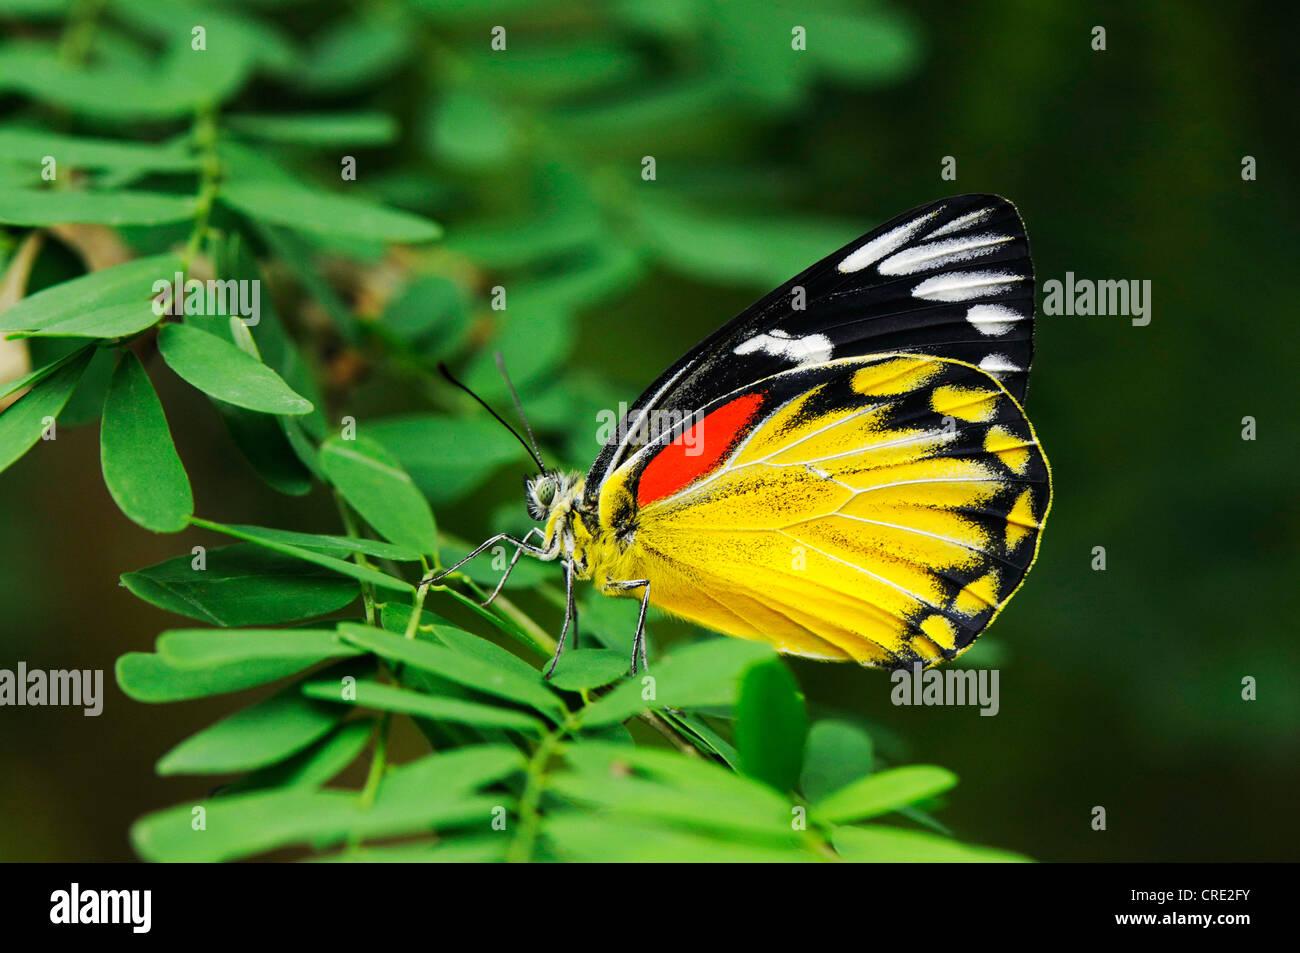 Red-spot Jezebel (Delias descombesi), Papiliorama, Kerzers, Switzerland, Europe - Stock Image